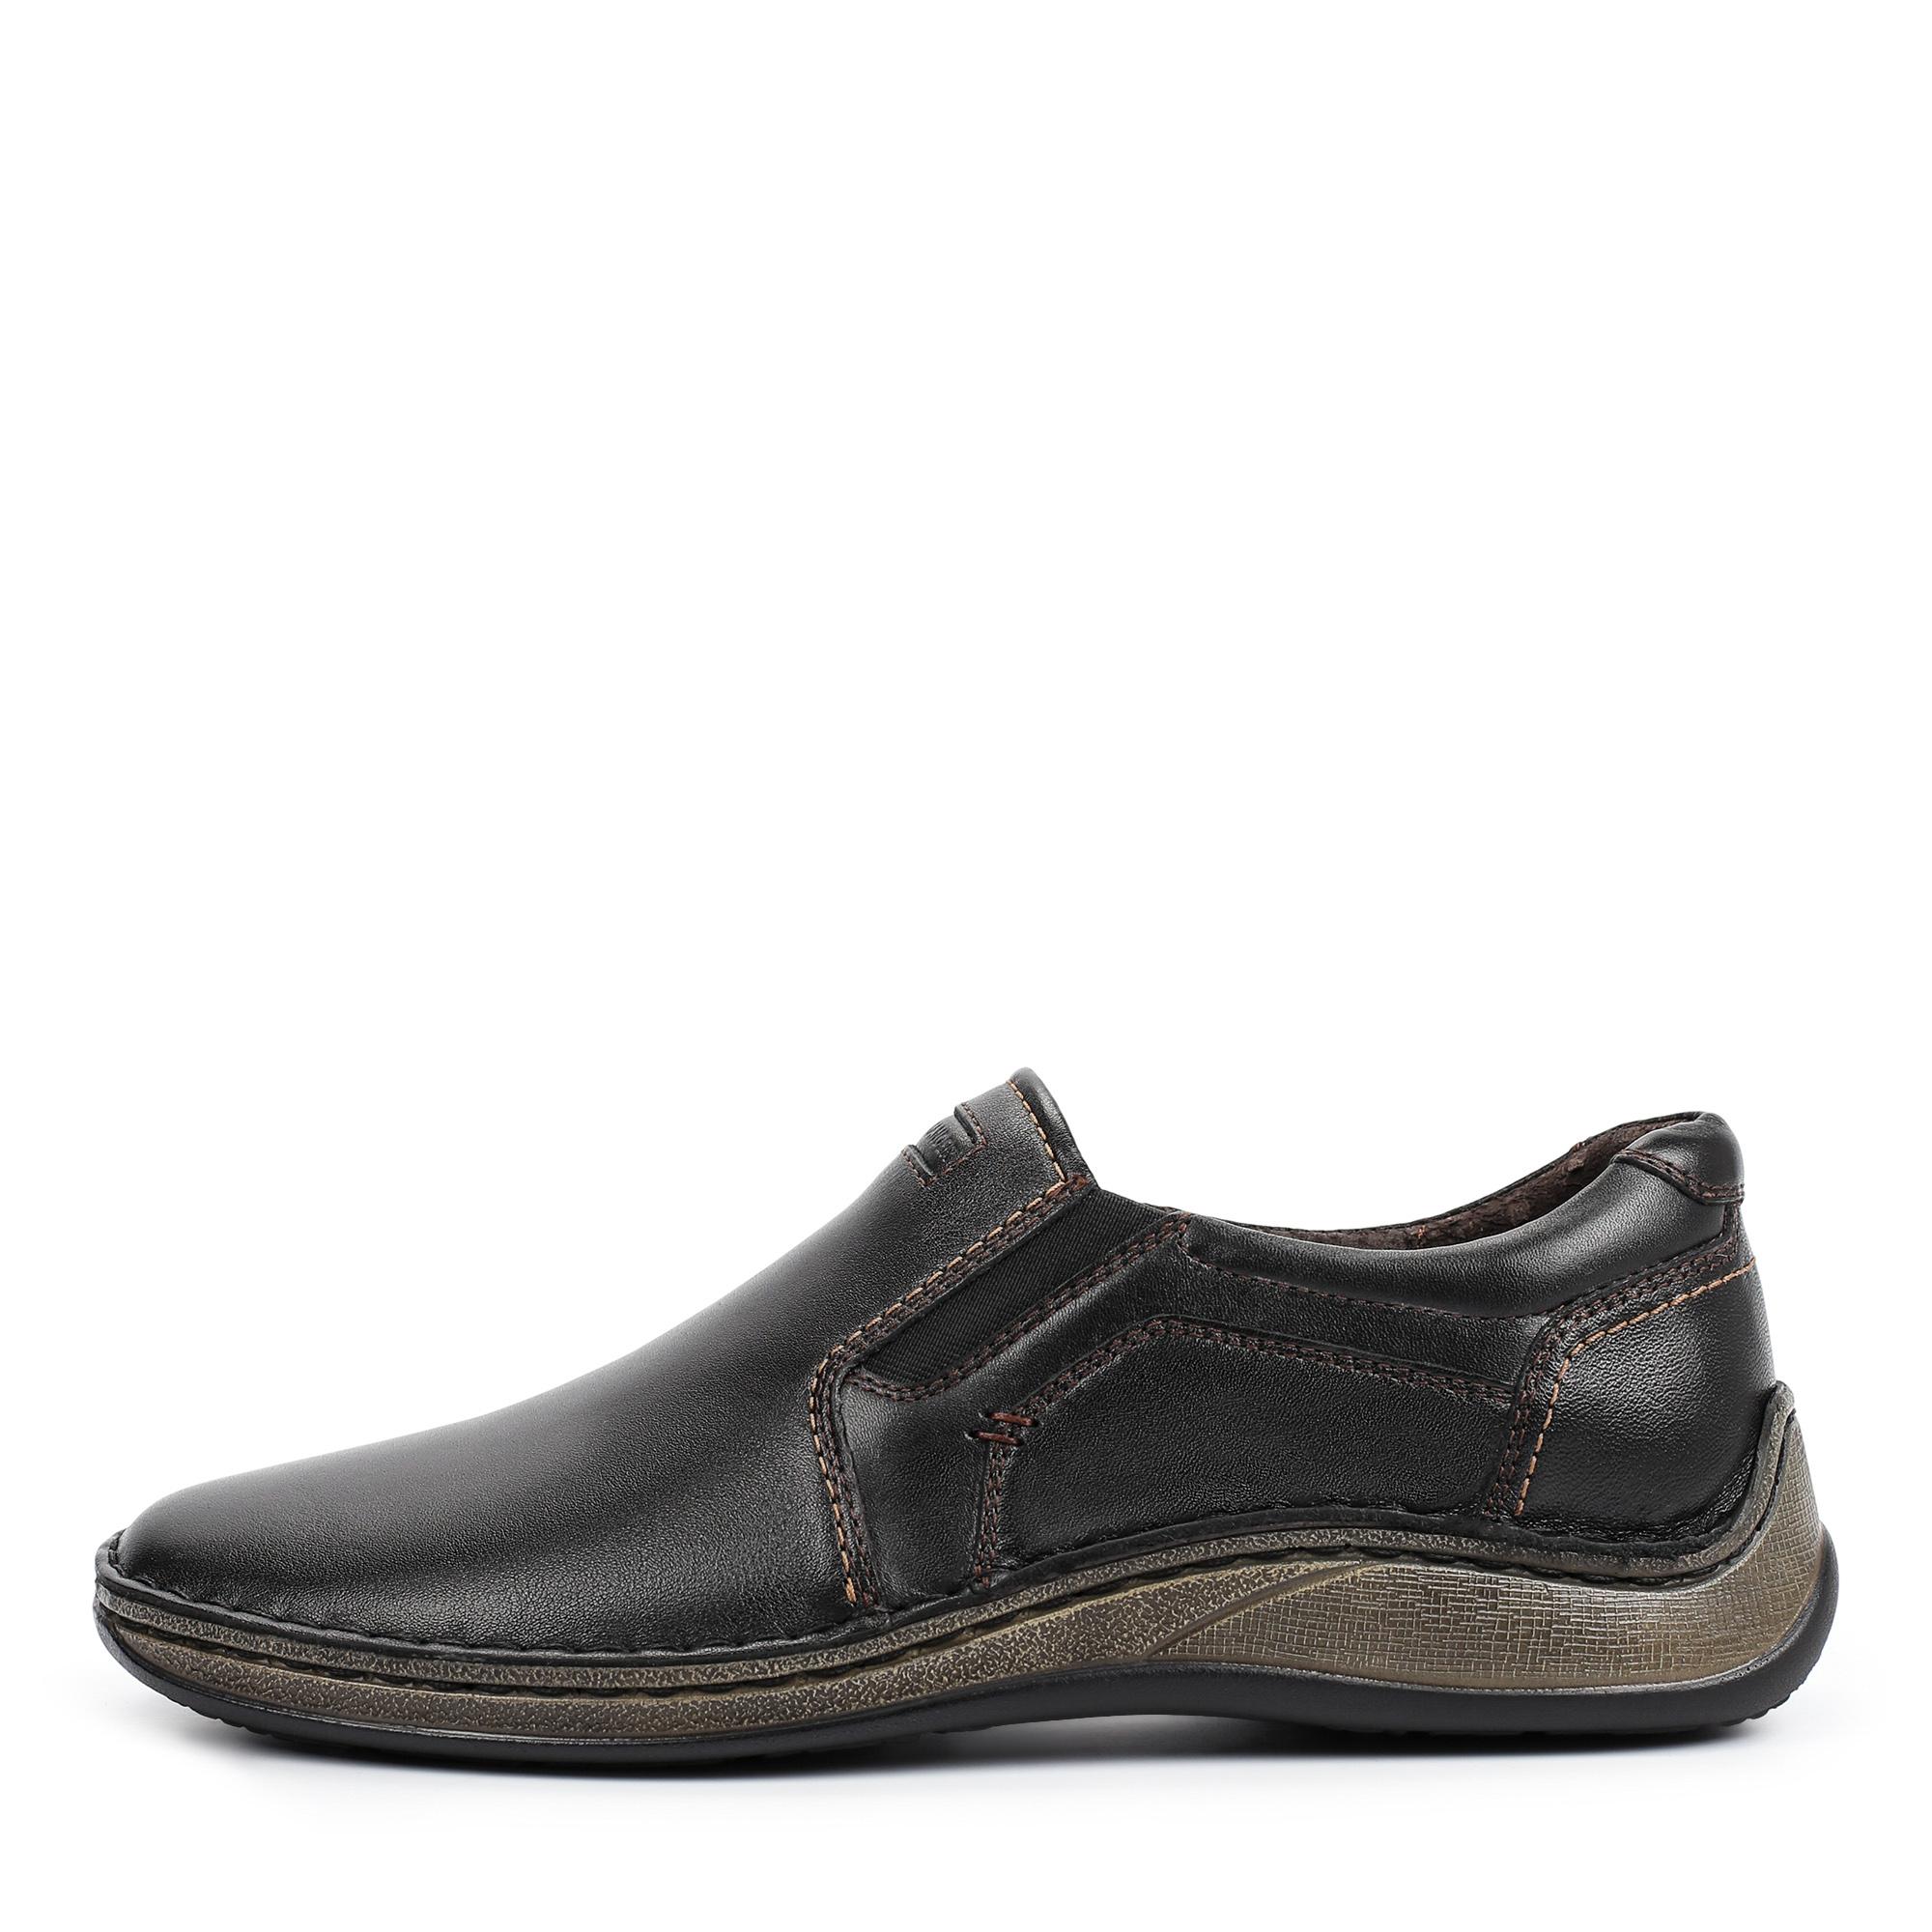 Туфли/полуботинки Salamander 331-064B-1102